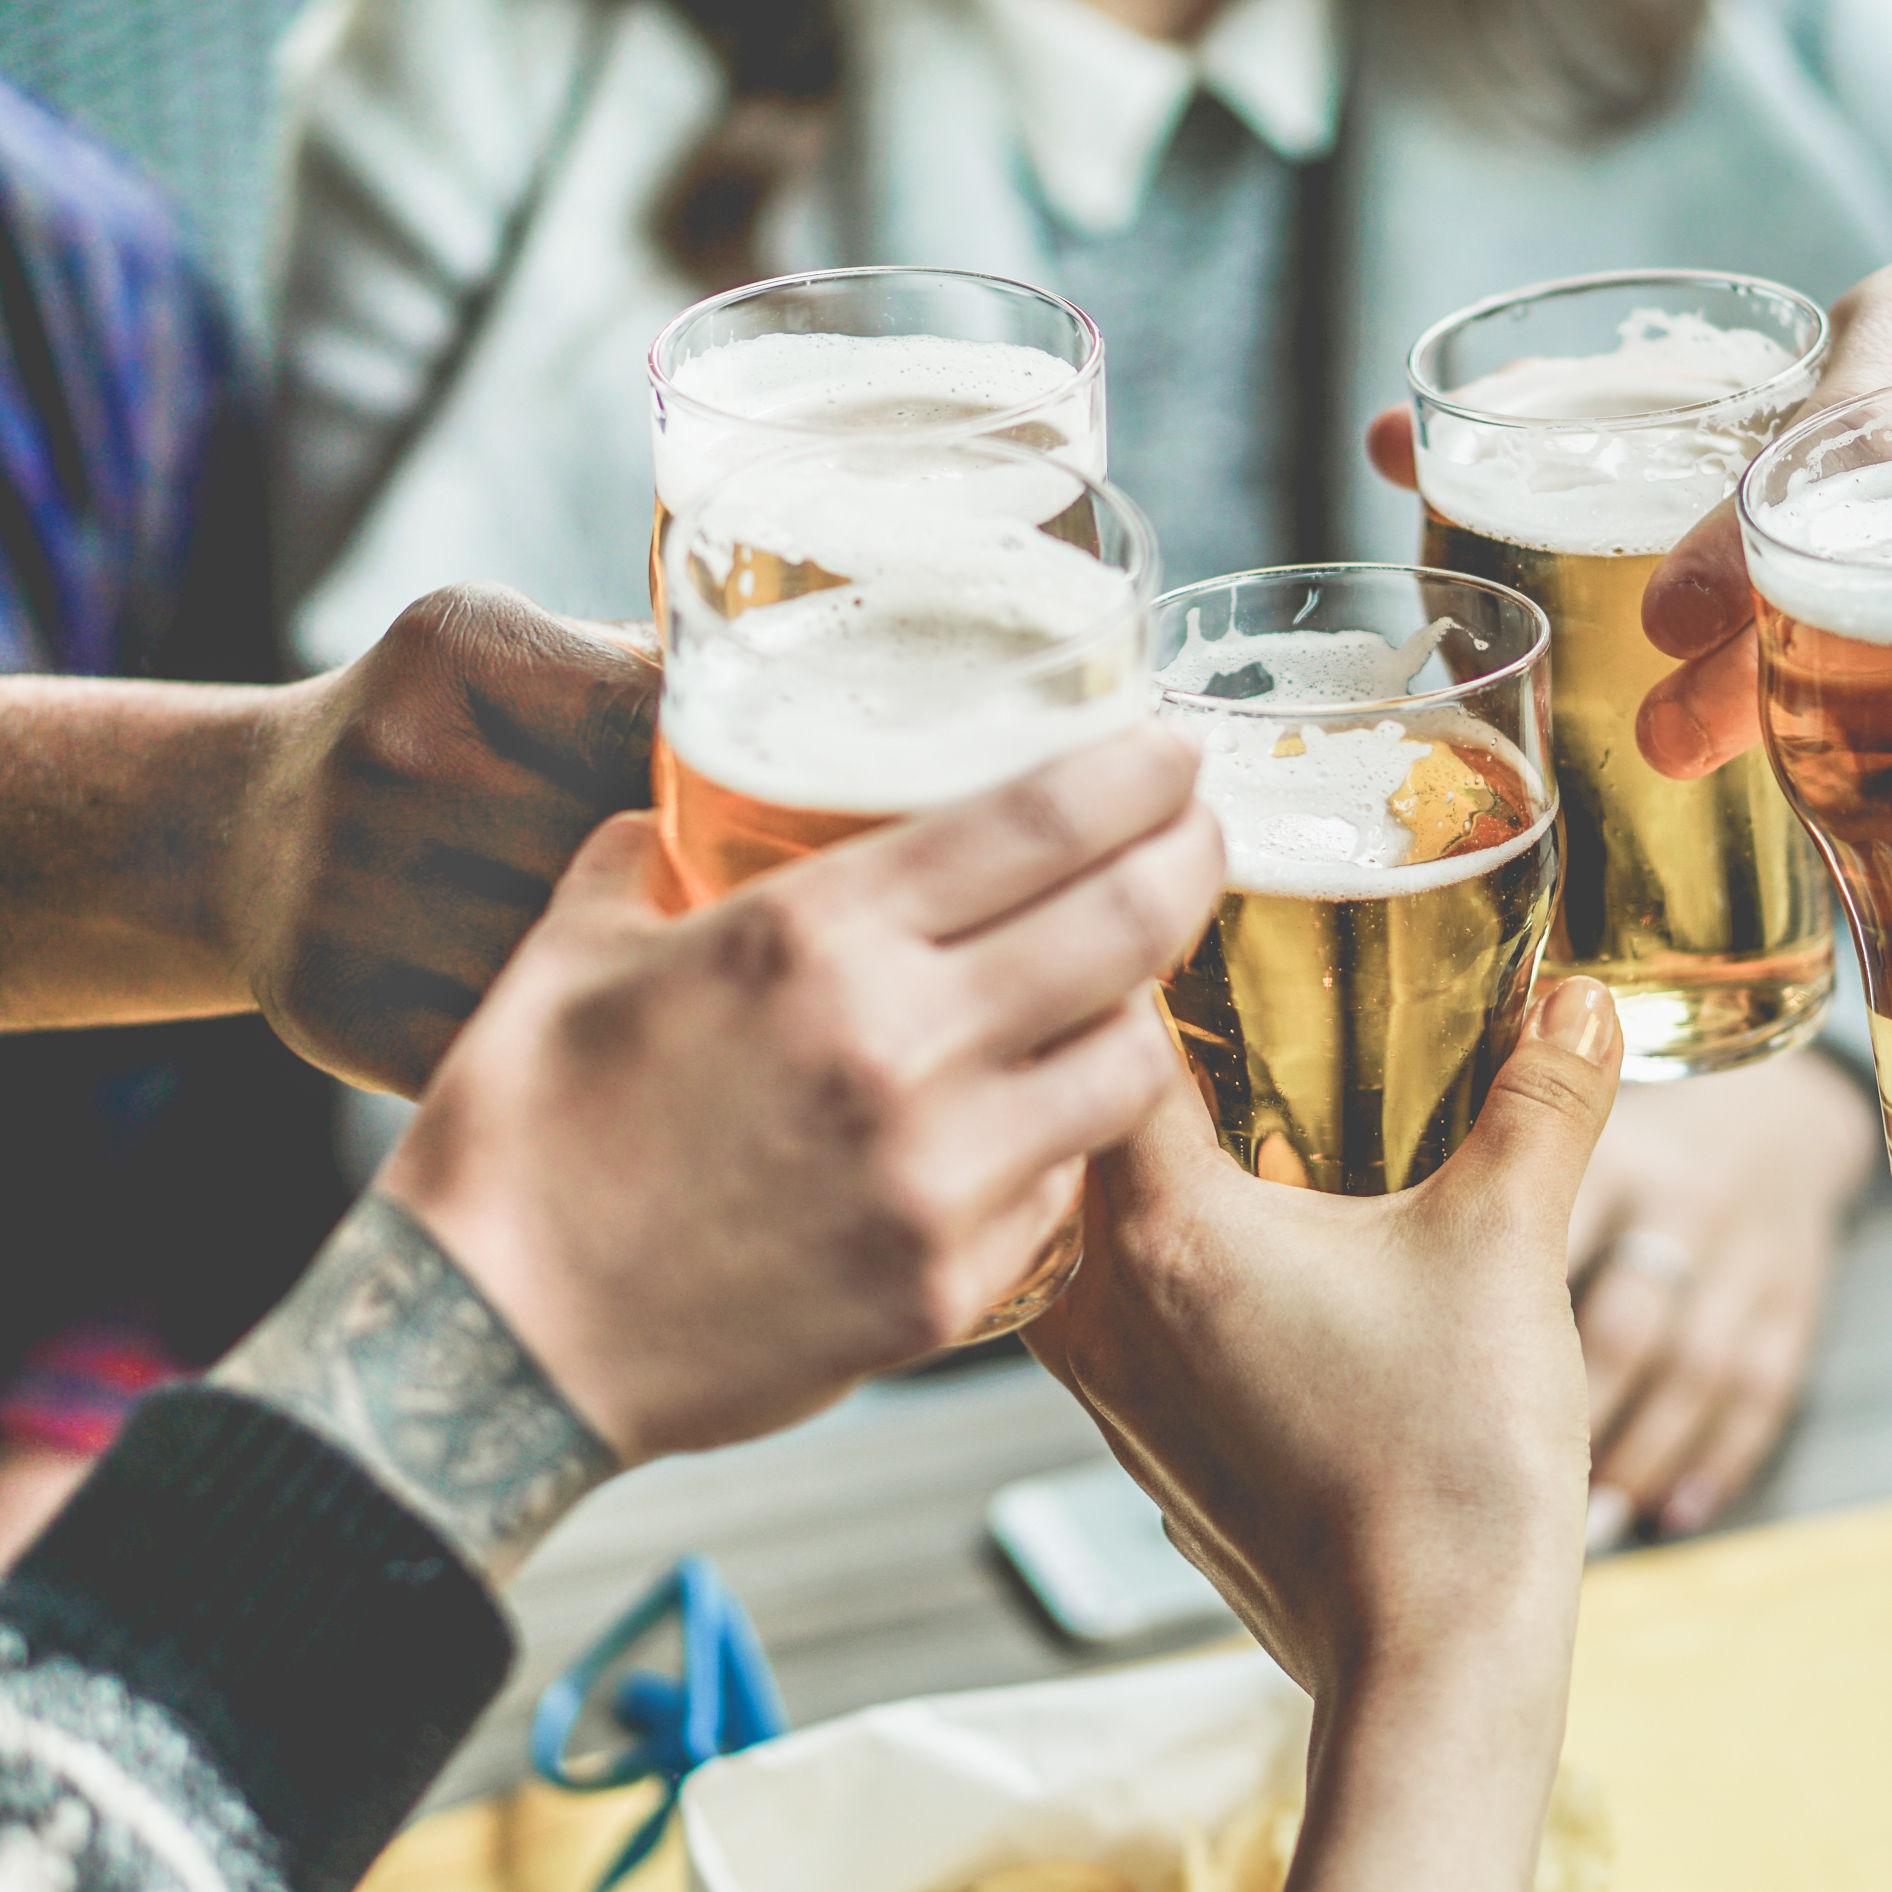 Beer friends kteahh